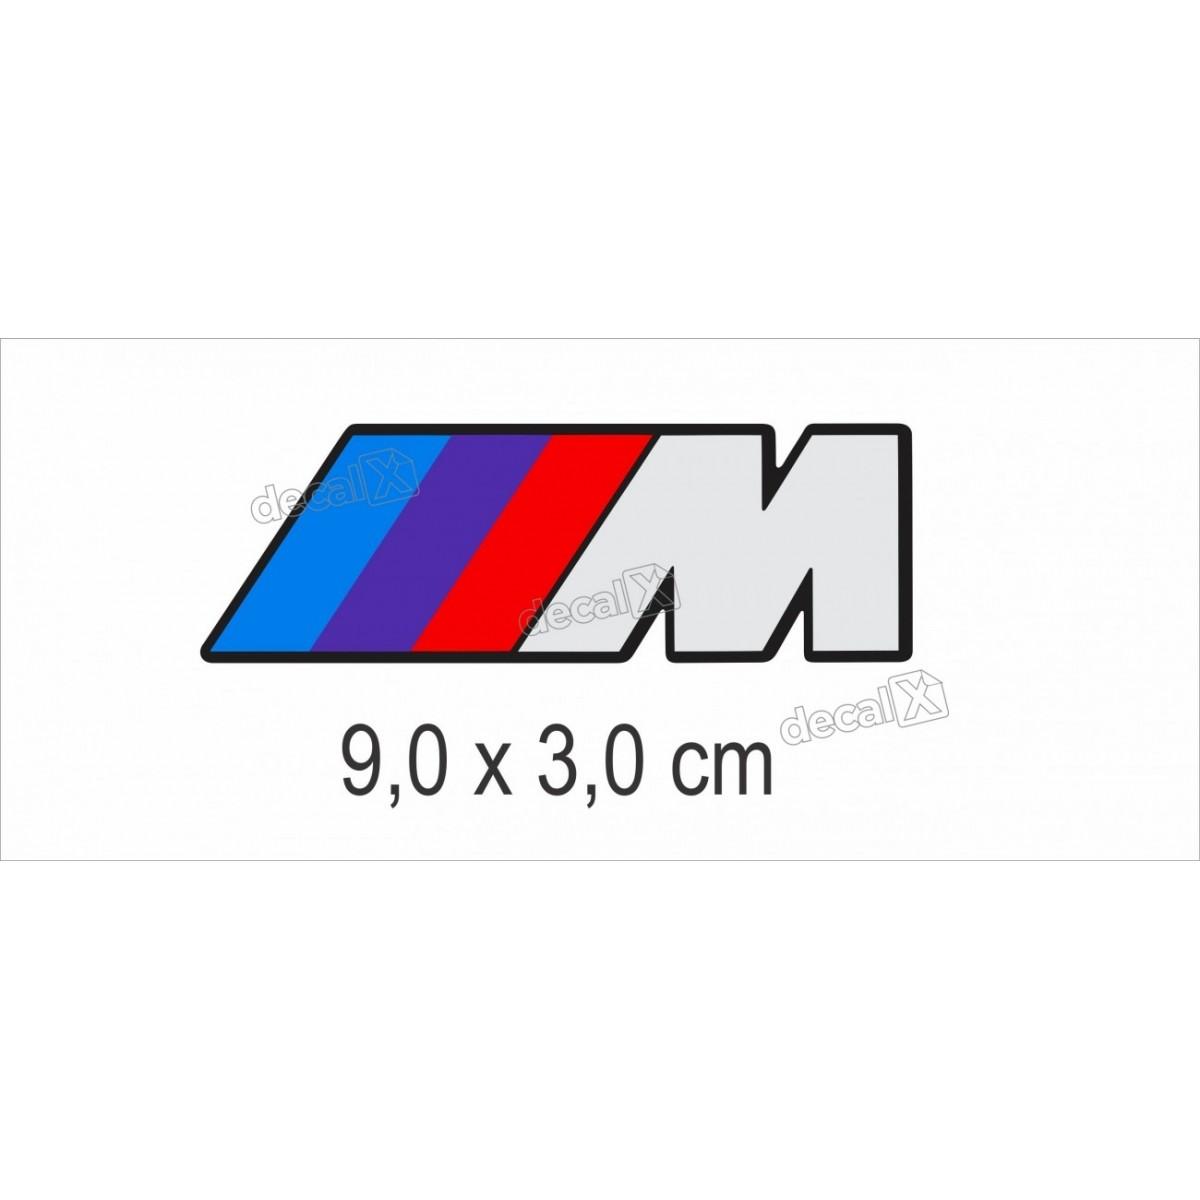 Emblema Adesivo Resinado Bmw Decalx